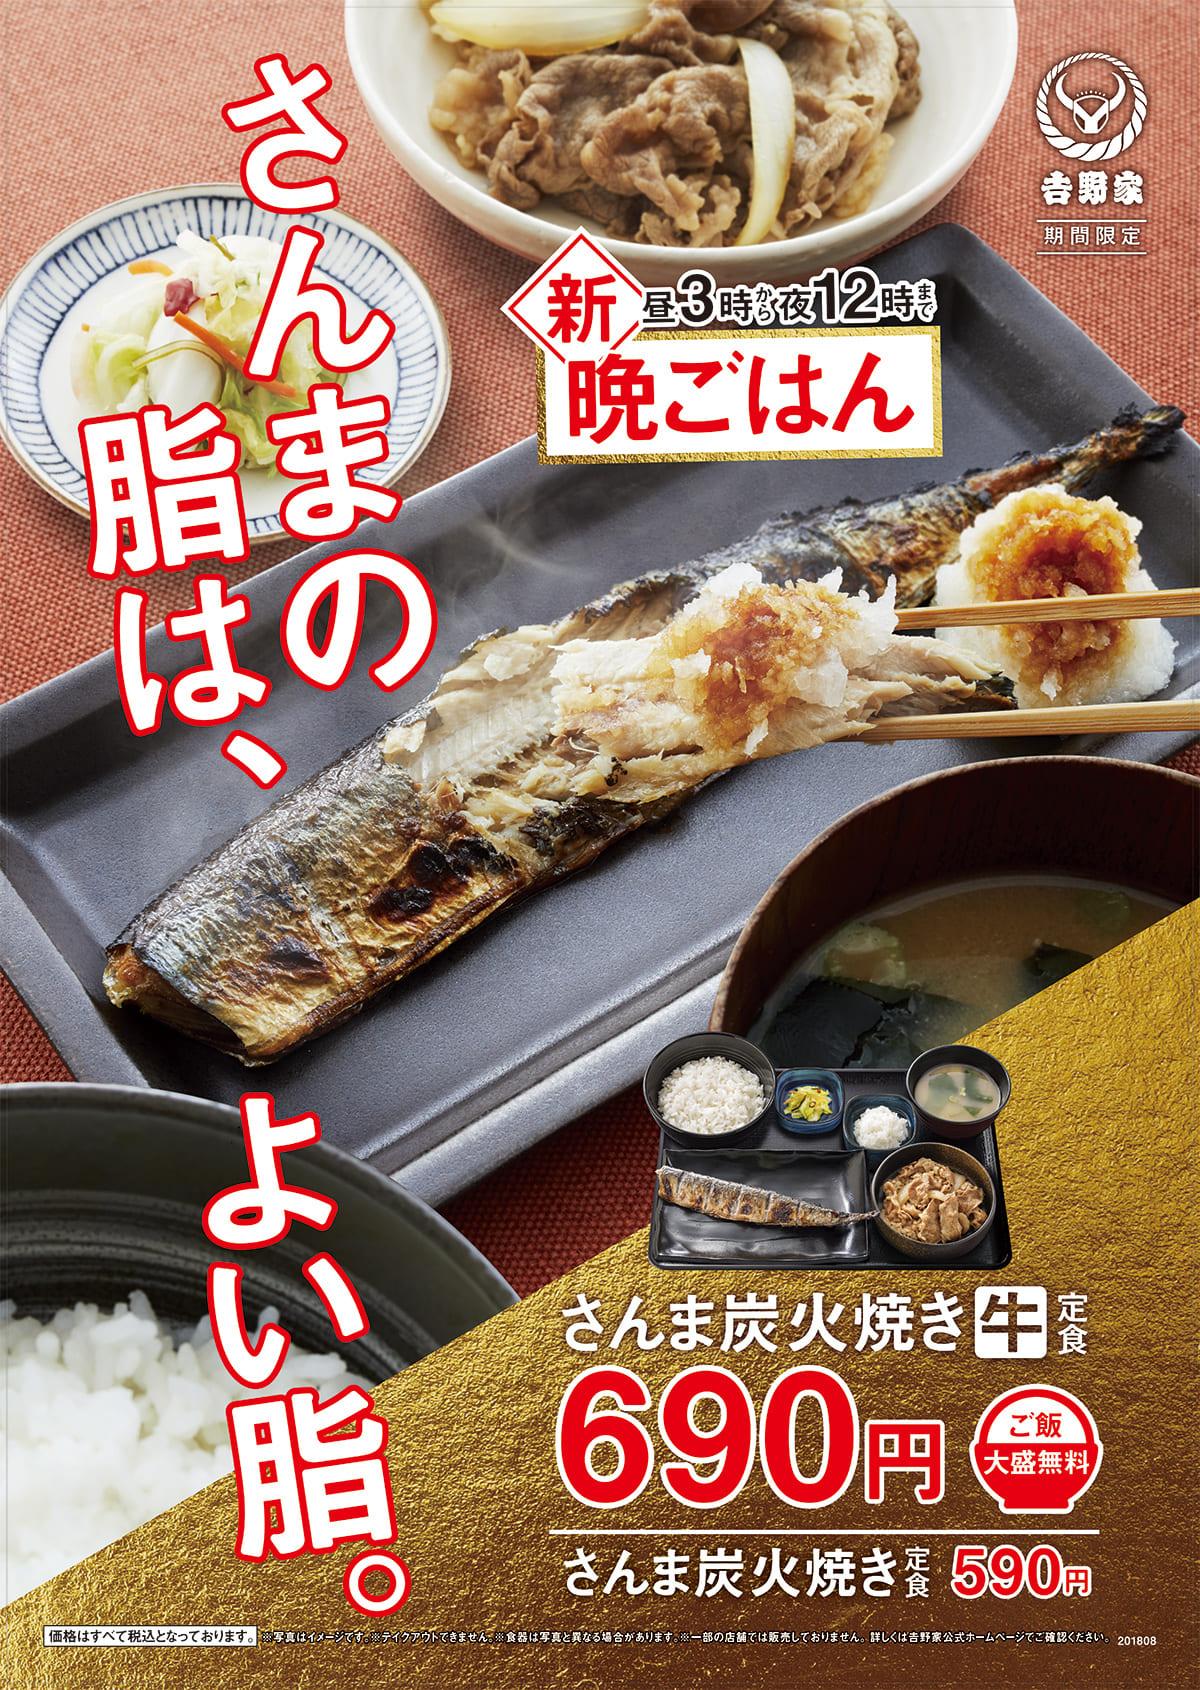 「さんま炭火焼き牛定食」発売のお知らせ